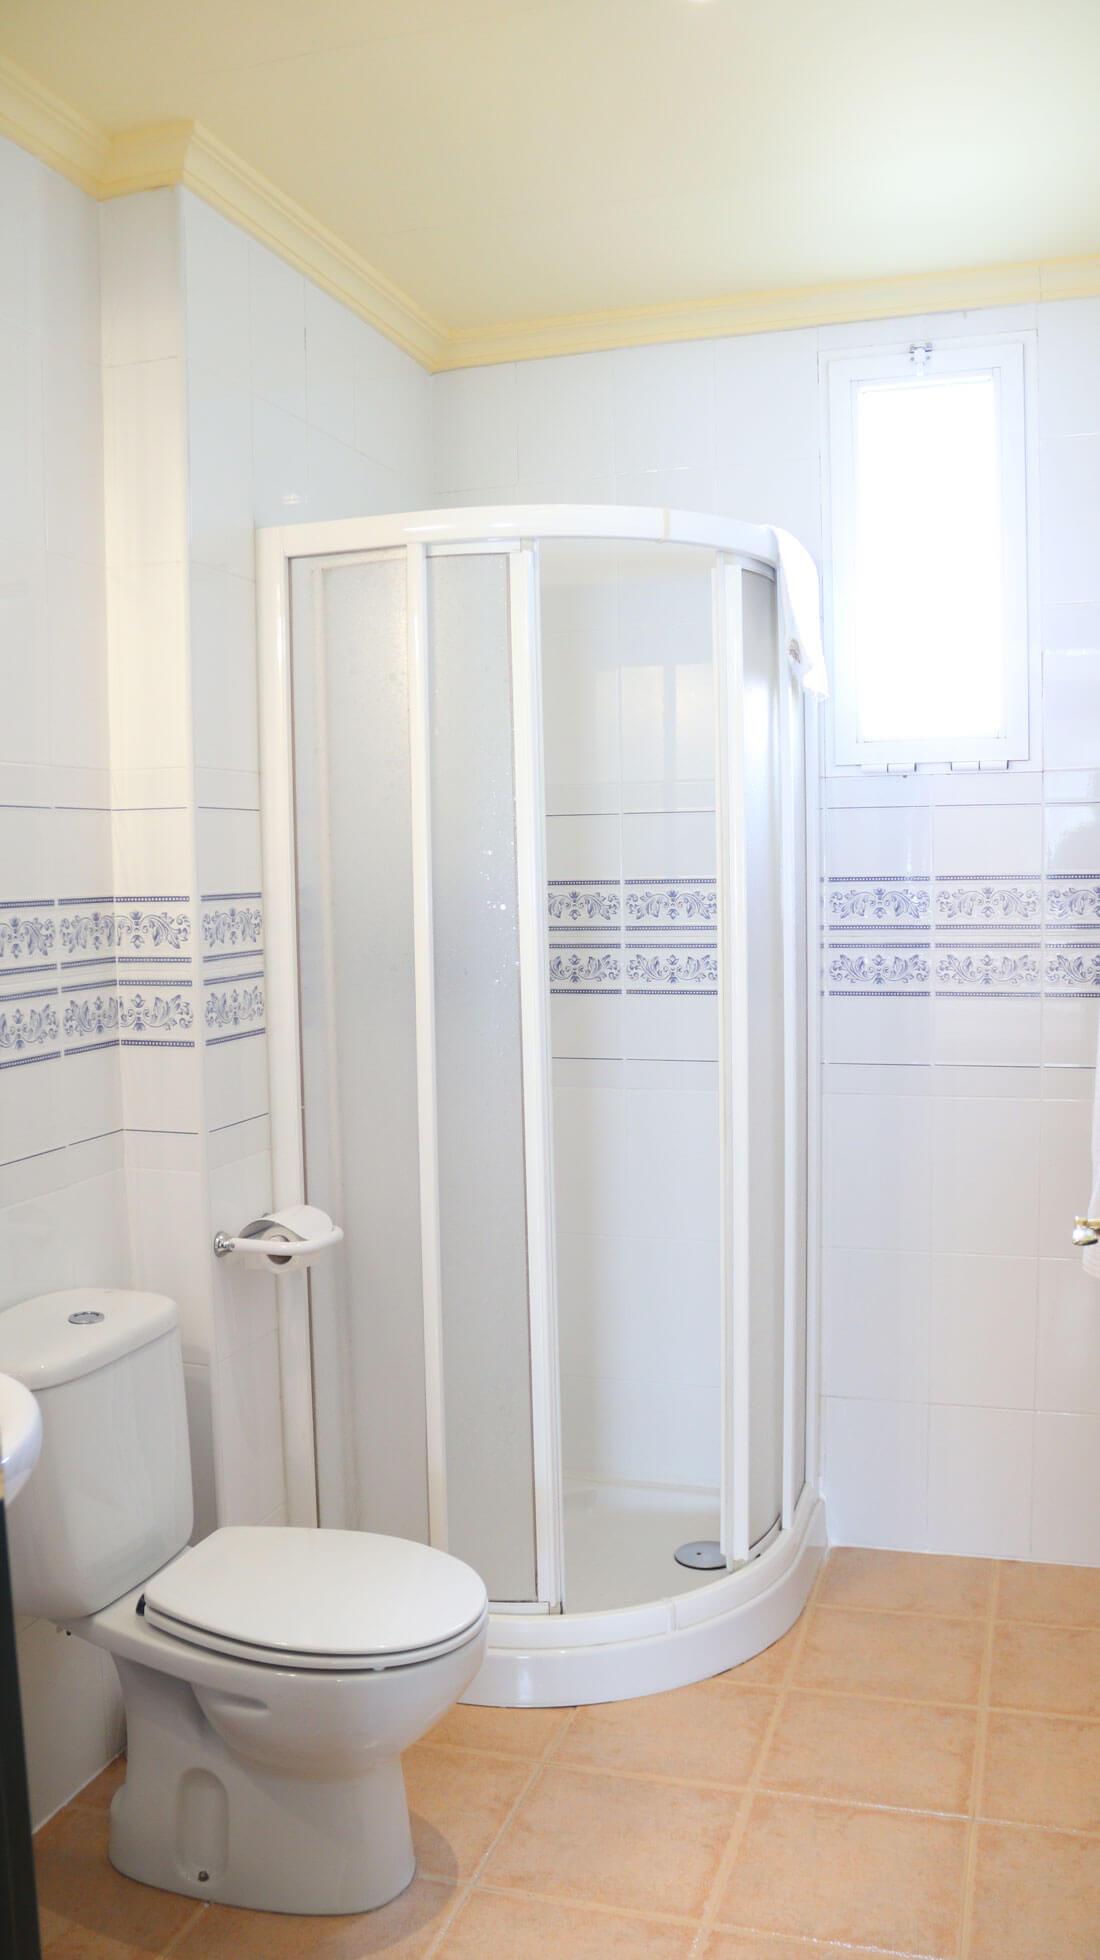 baño habitación doble 2 camas